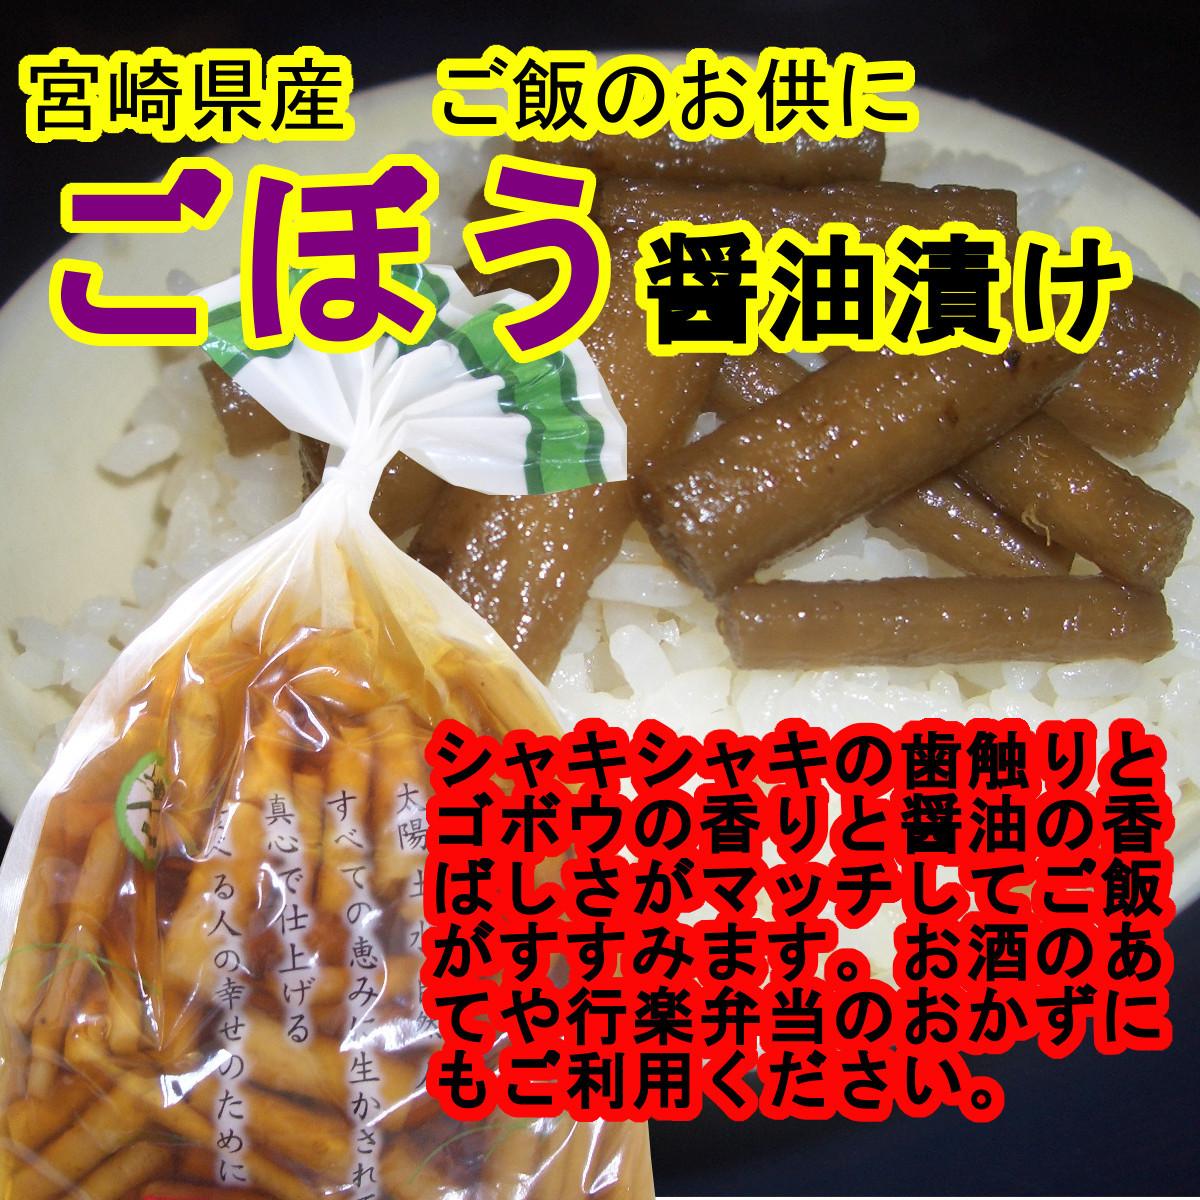 おかず3種2セット  梅っこきゅうり ごぼう たくあん ご飯のお供 おにぎり おつまみ 宮崎県産のお漬物 送料無料 _画像4